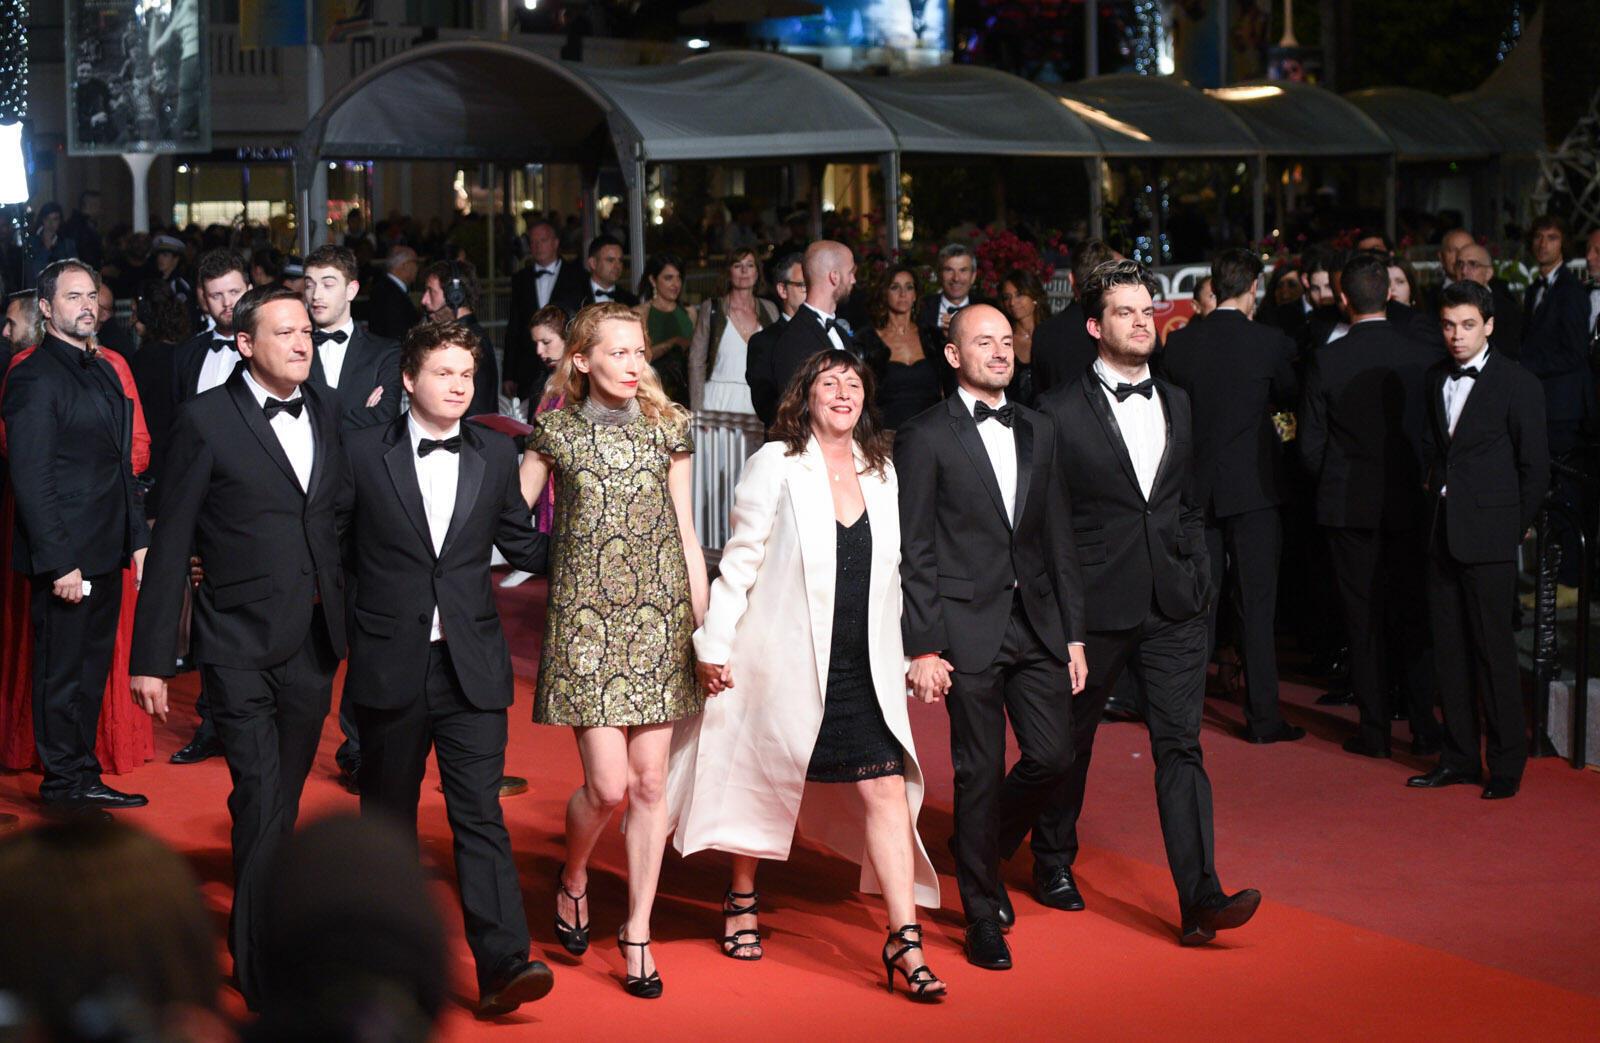 El jurado de Queer Palm, dirigido por la productora francesa Sylvie Pialat (al centro), subió los escalones antes del estreno de 'A knife in the heart'.